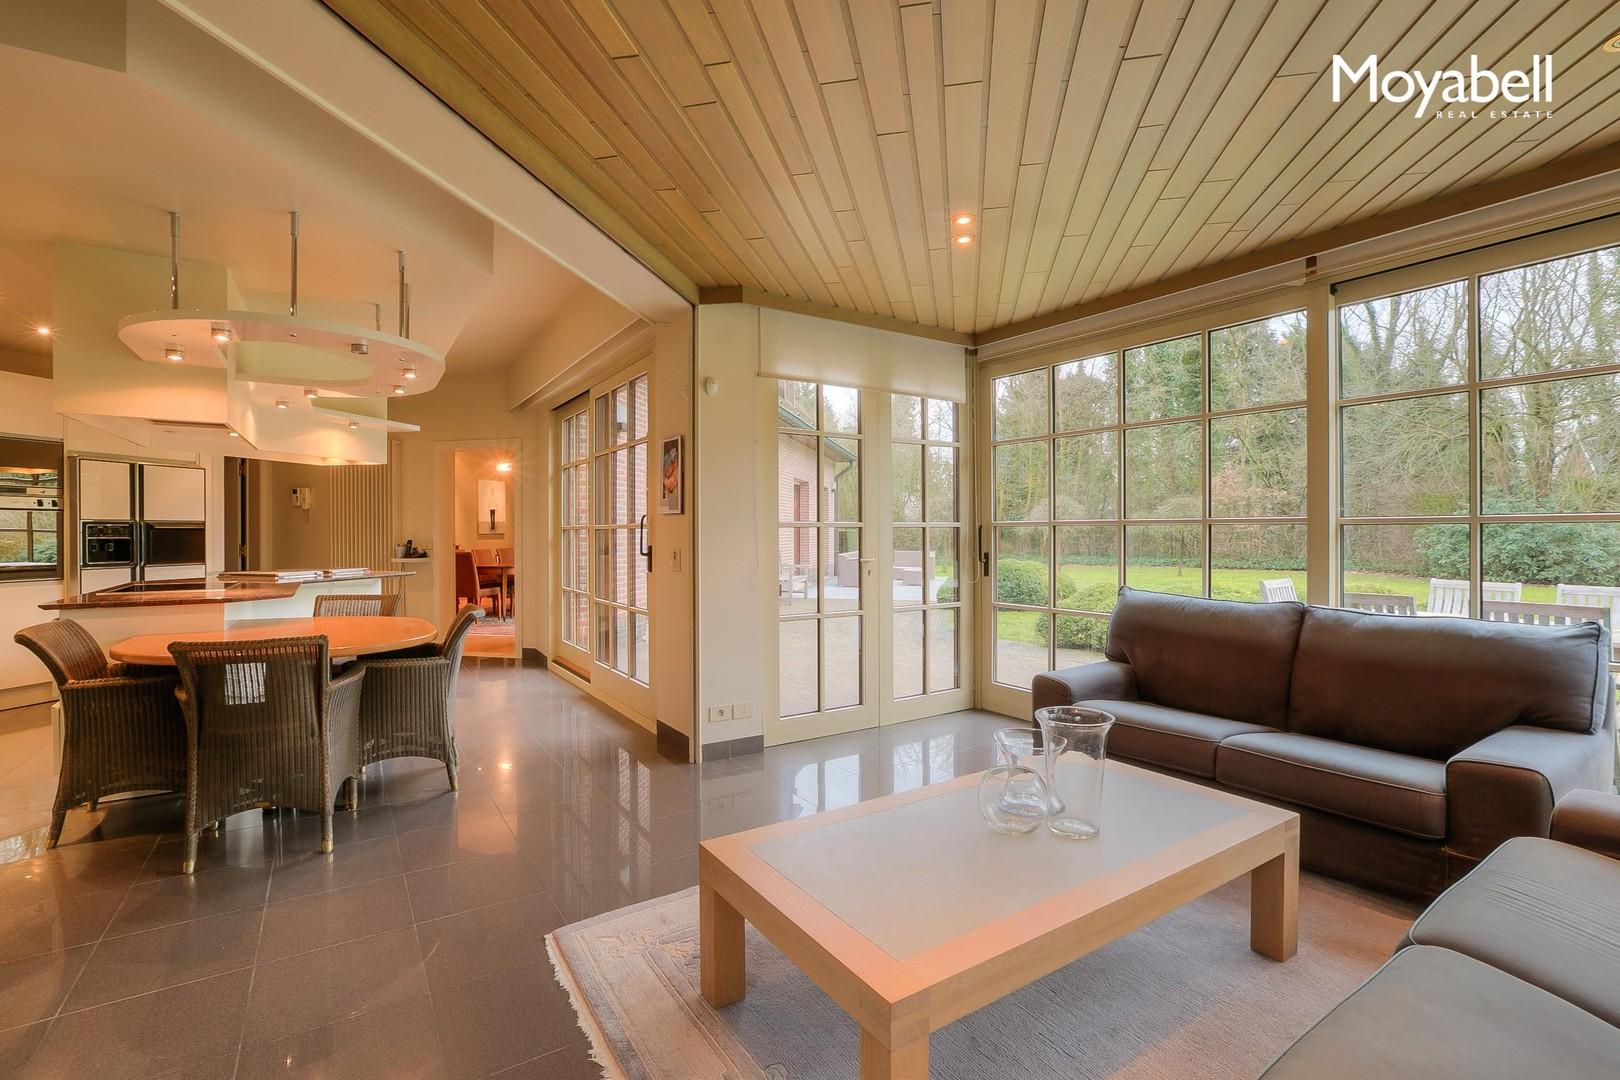 Top gelegen villa in groene omgeving met praktijkmogelijkheden